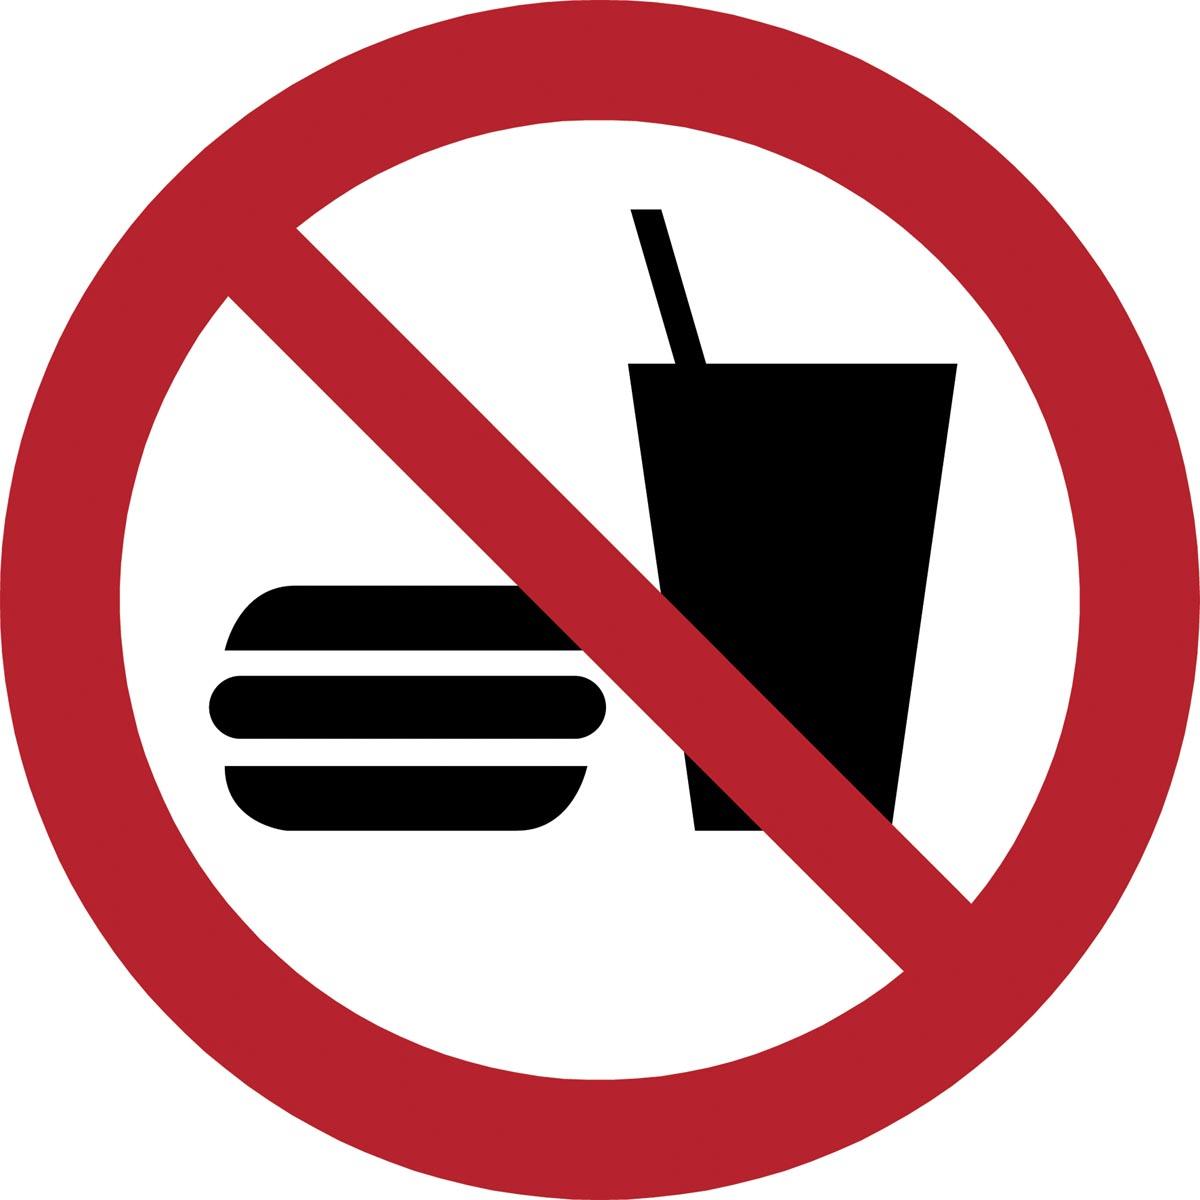 Tarifold verbodsbord uit PP, eten en drinken niet toegestaan, diameter 20 cm